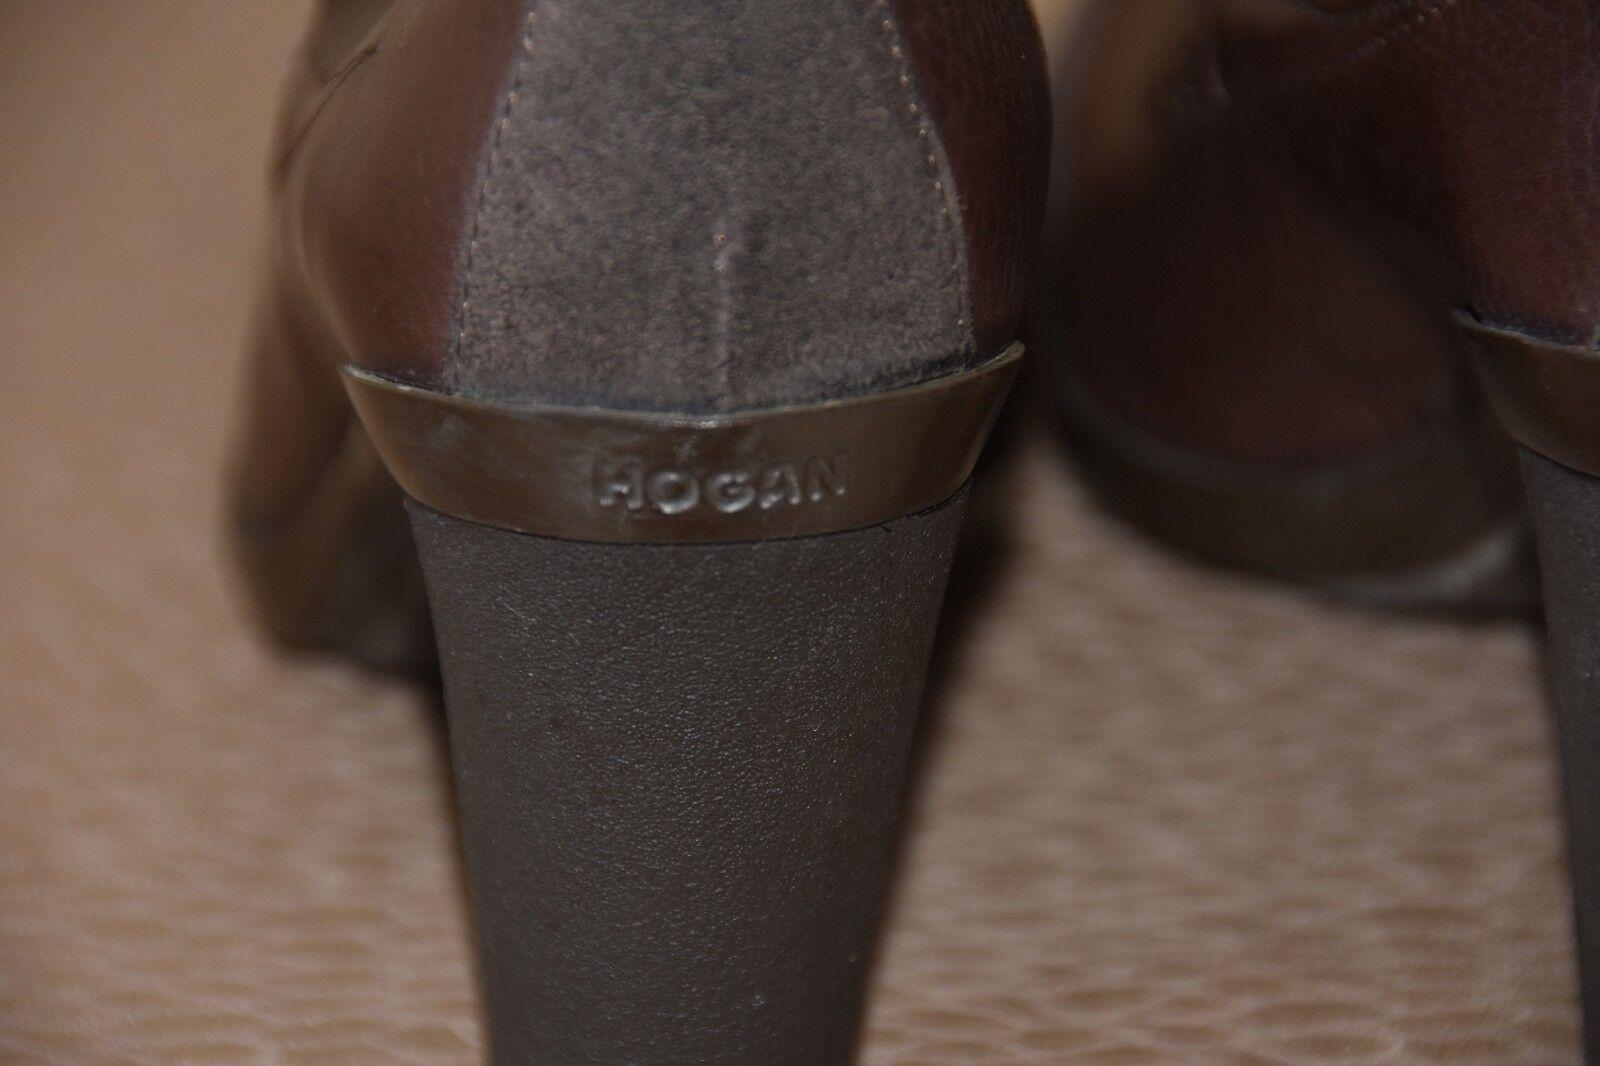 Hogan en en en cuir souple & Daim pointure 9 e55260